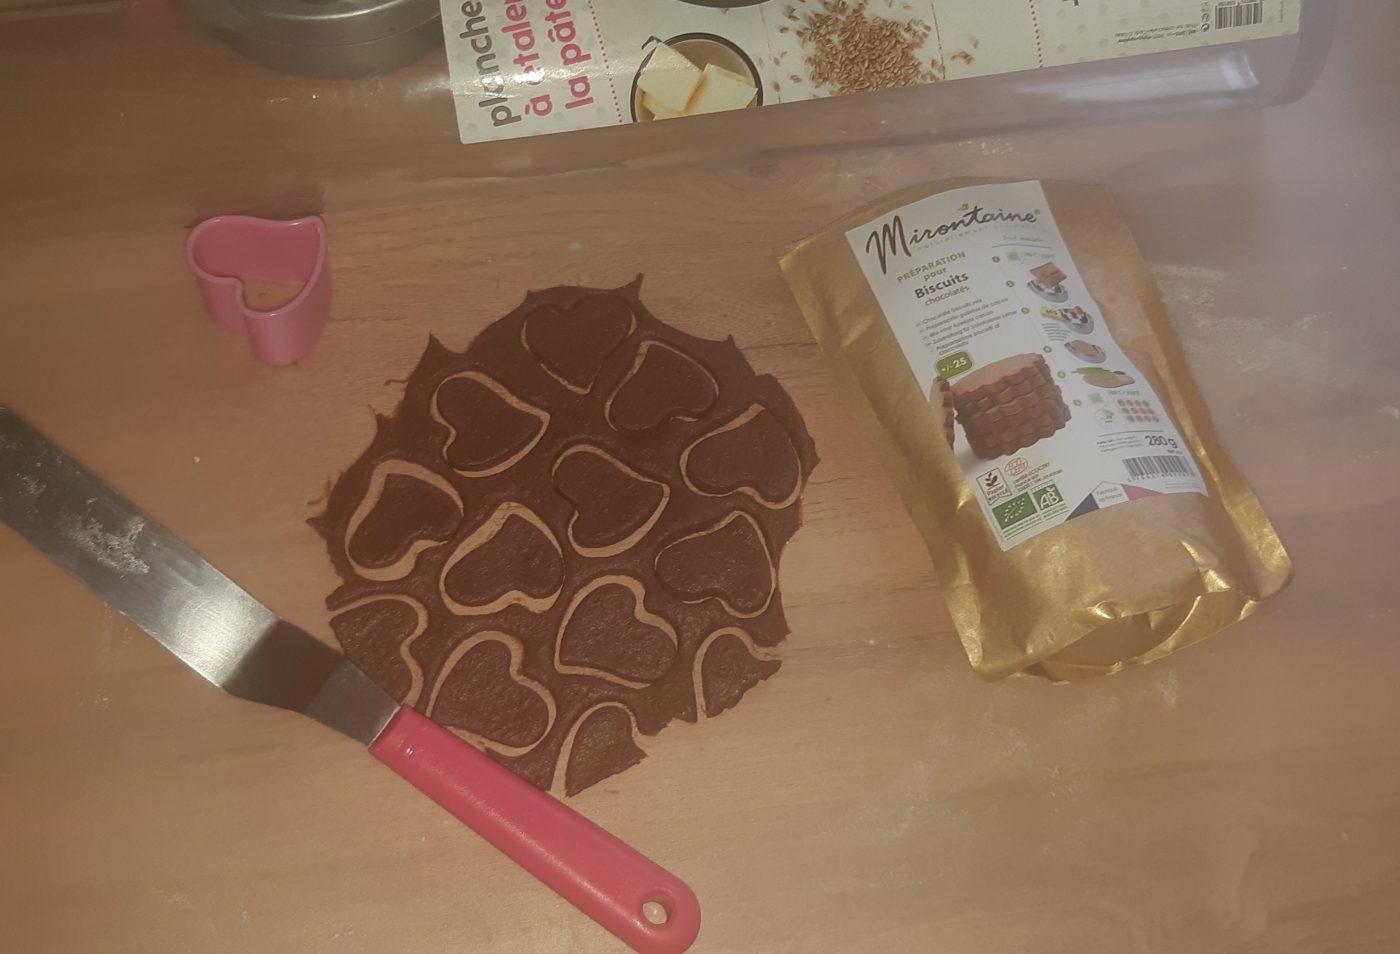 J'ai testé pour vous preparation pour biscuits au chocolat